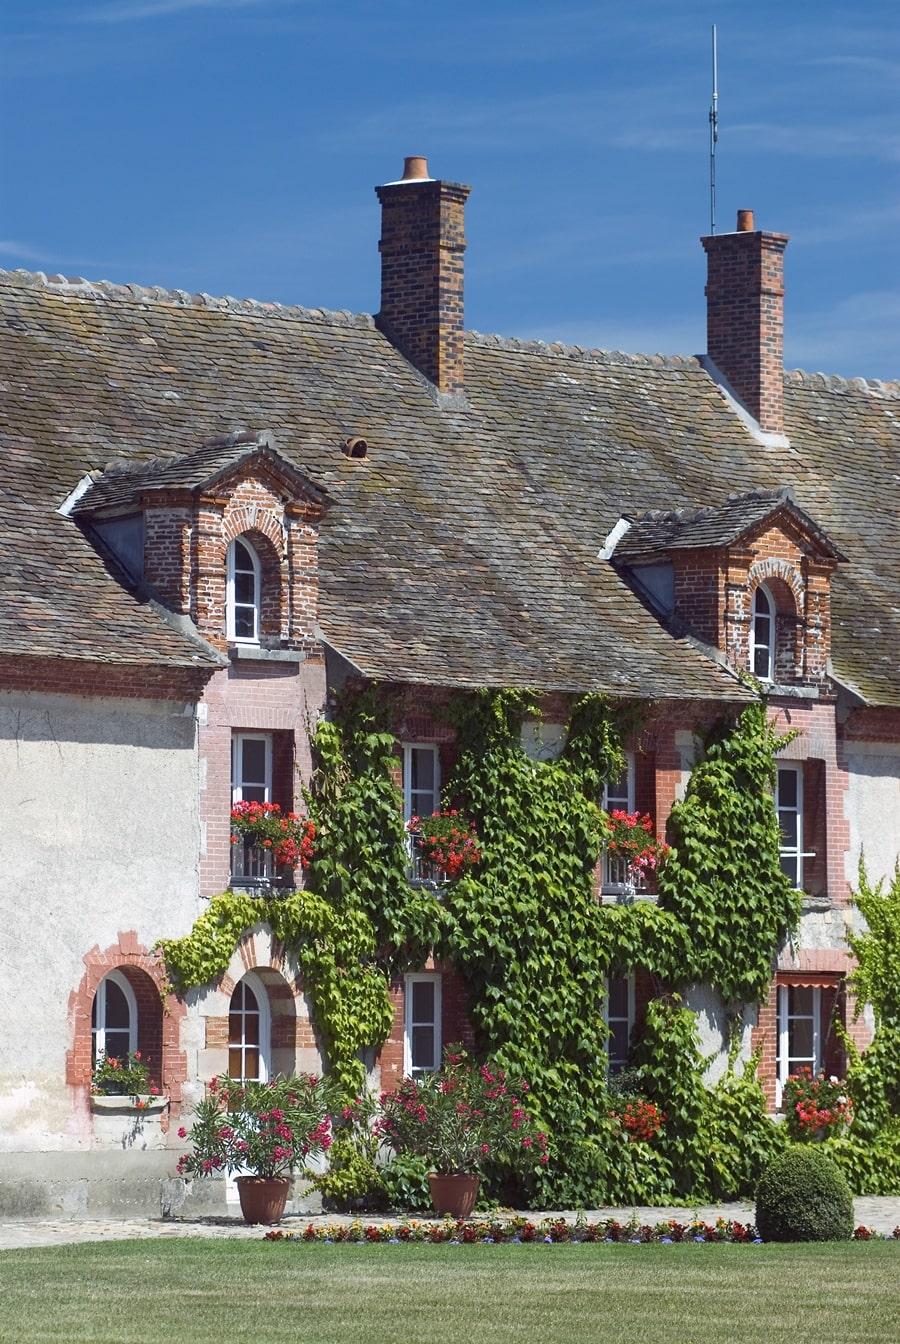 Chateau-Grosbois-2